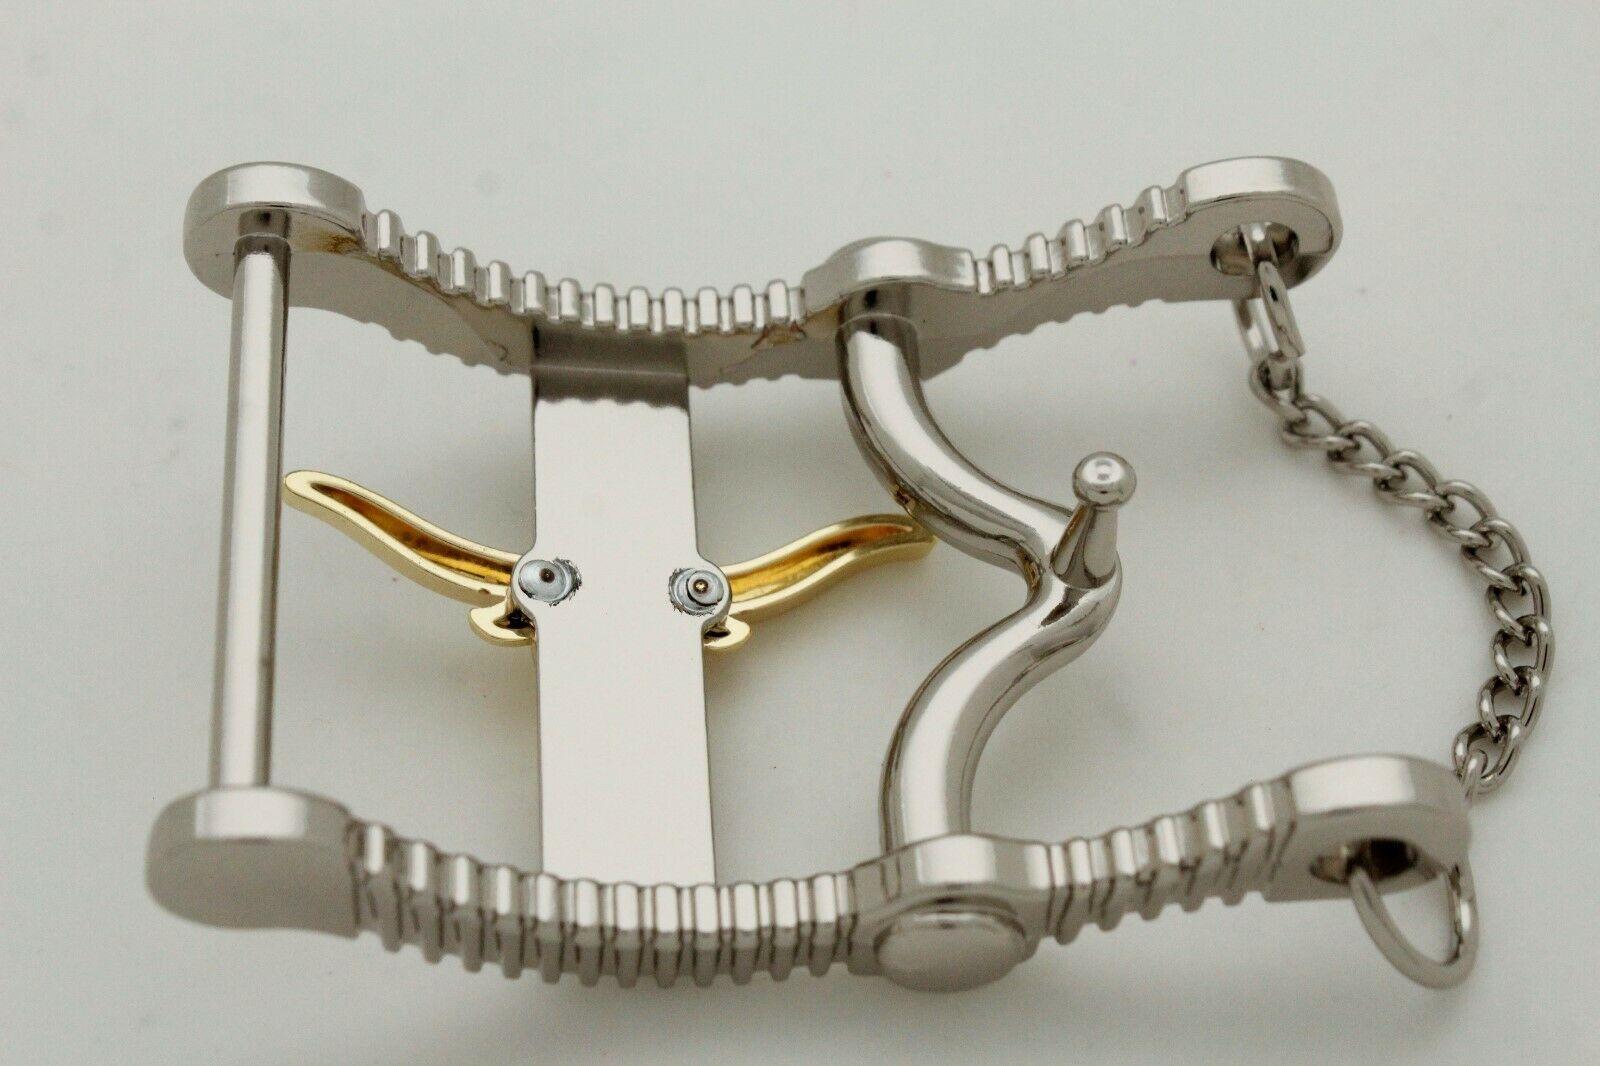 Herren Freizeit Western Cowboy Gürtelschnalle Silber Metall Lang Horn Kuh Gold image 9